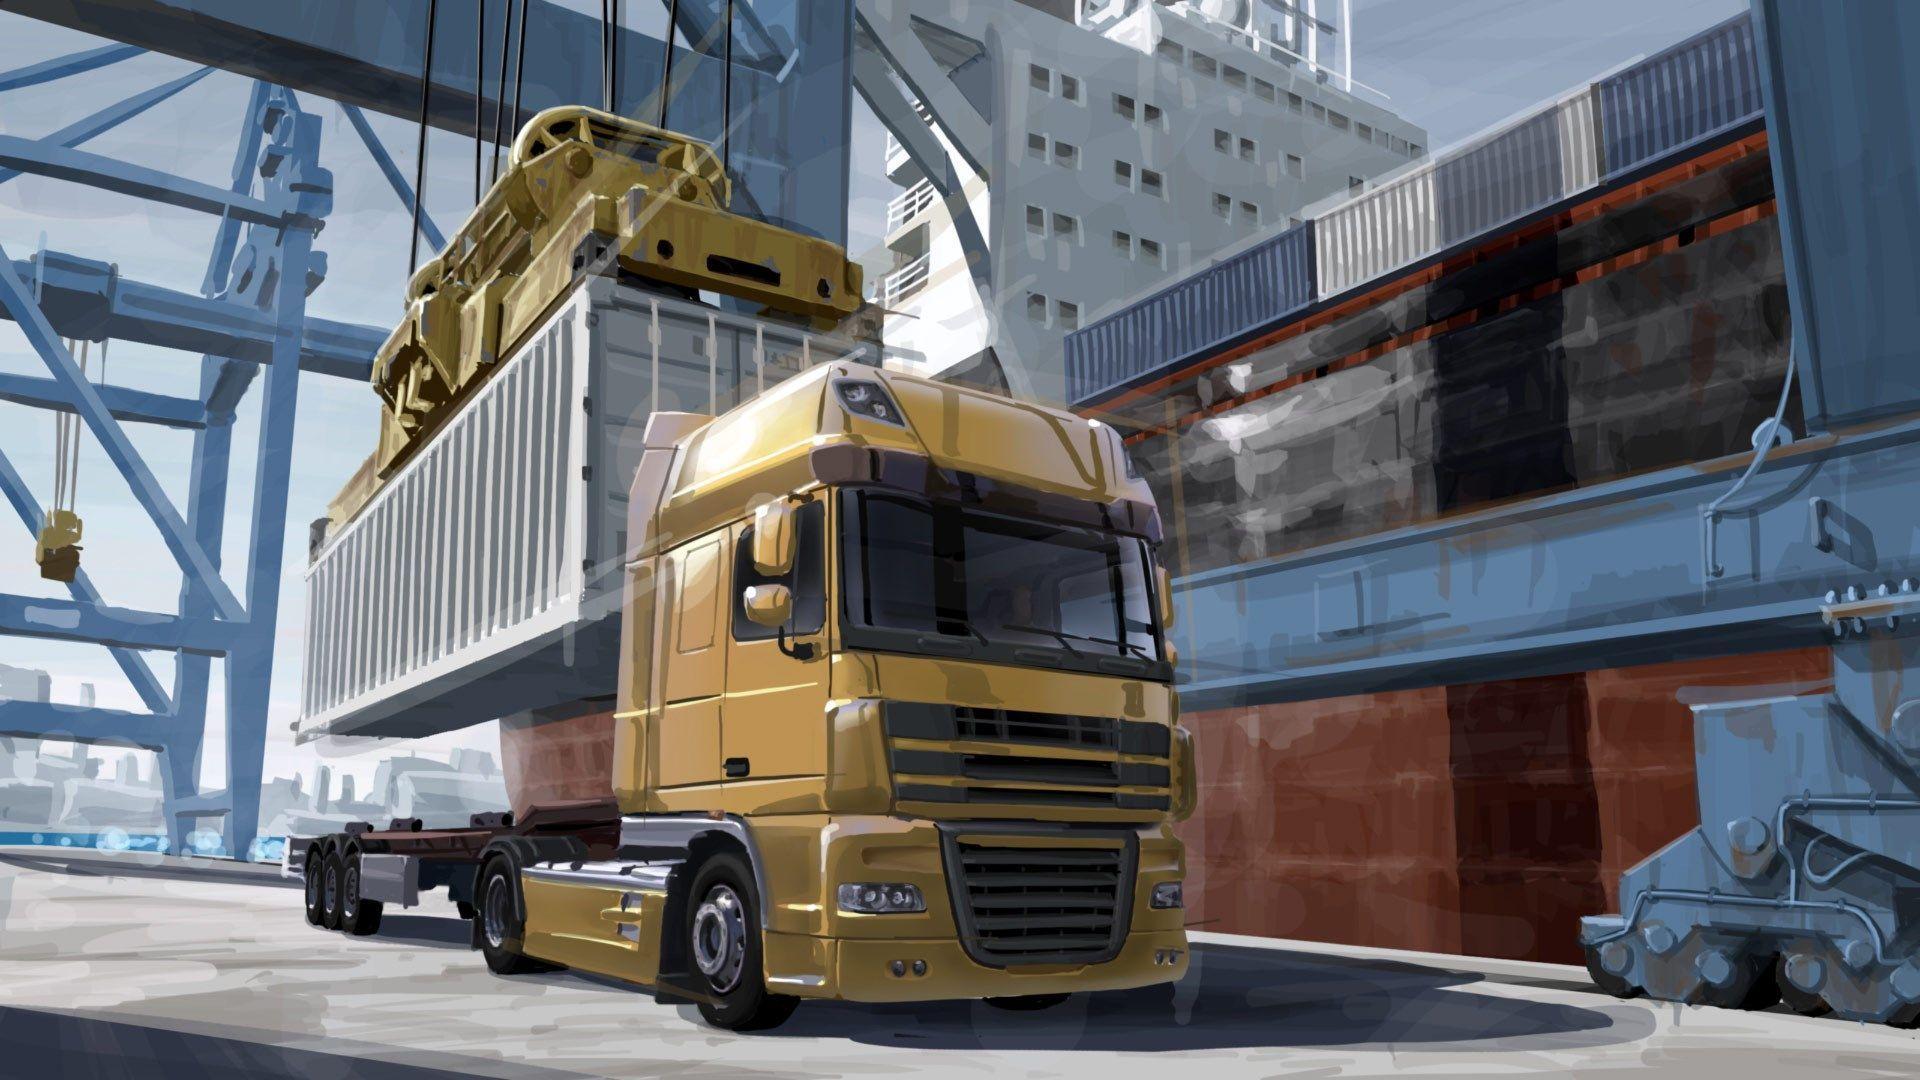 سی دی کی اریجینال استیم بازی Euro Truck Simulator 2